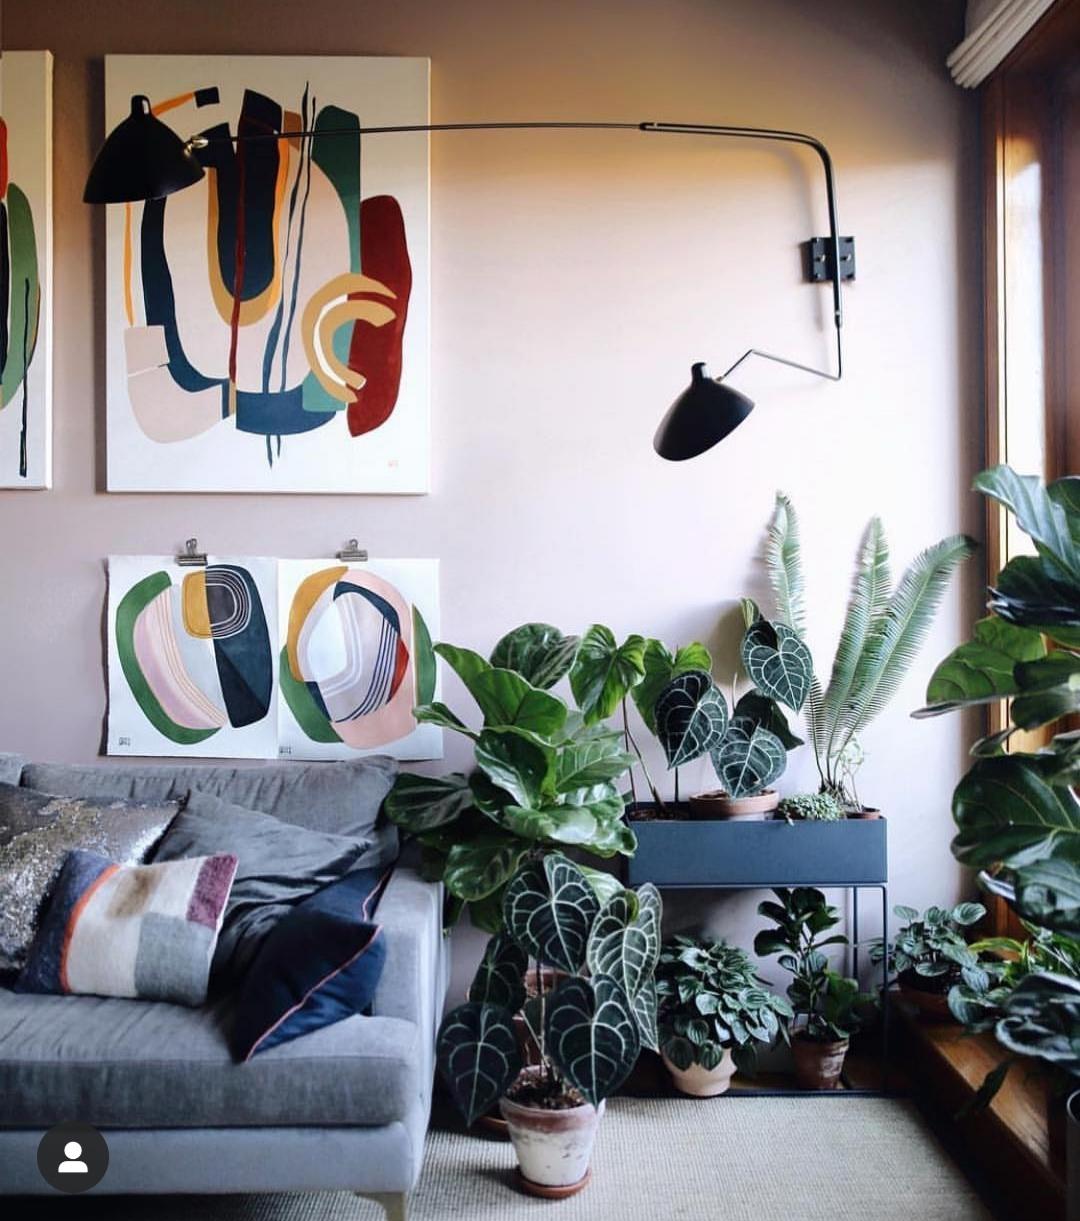 En el SALÓN, elige plantas de interior como la Sanseveria, la Pilea...